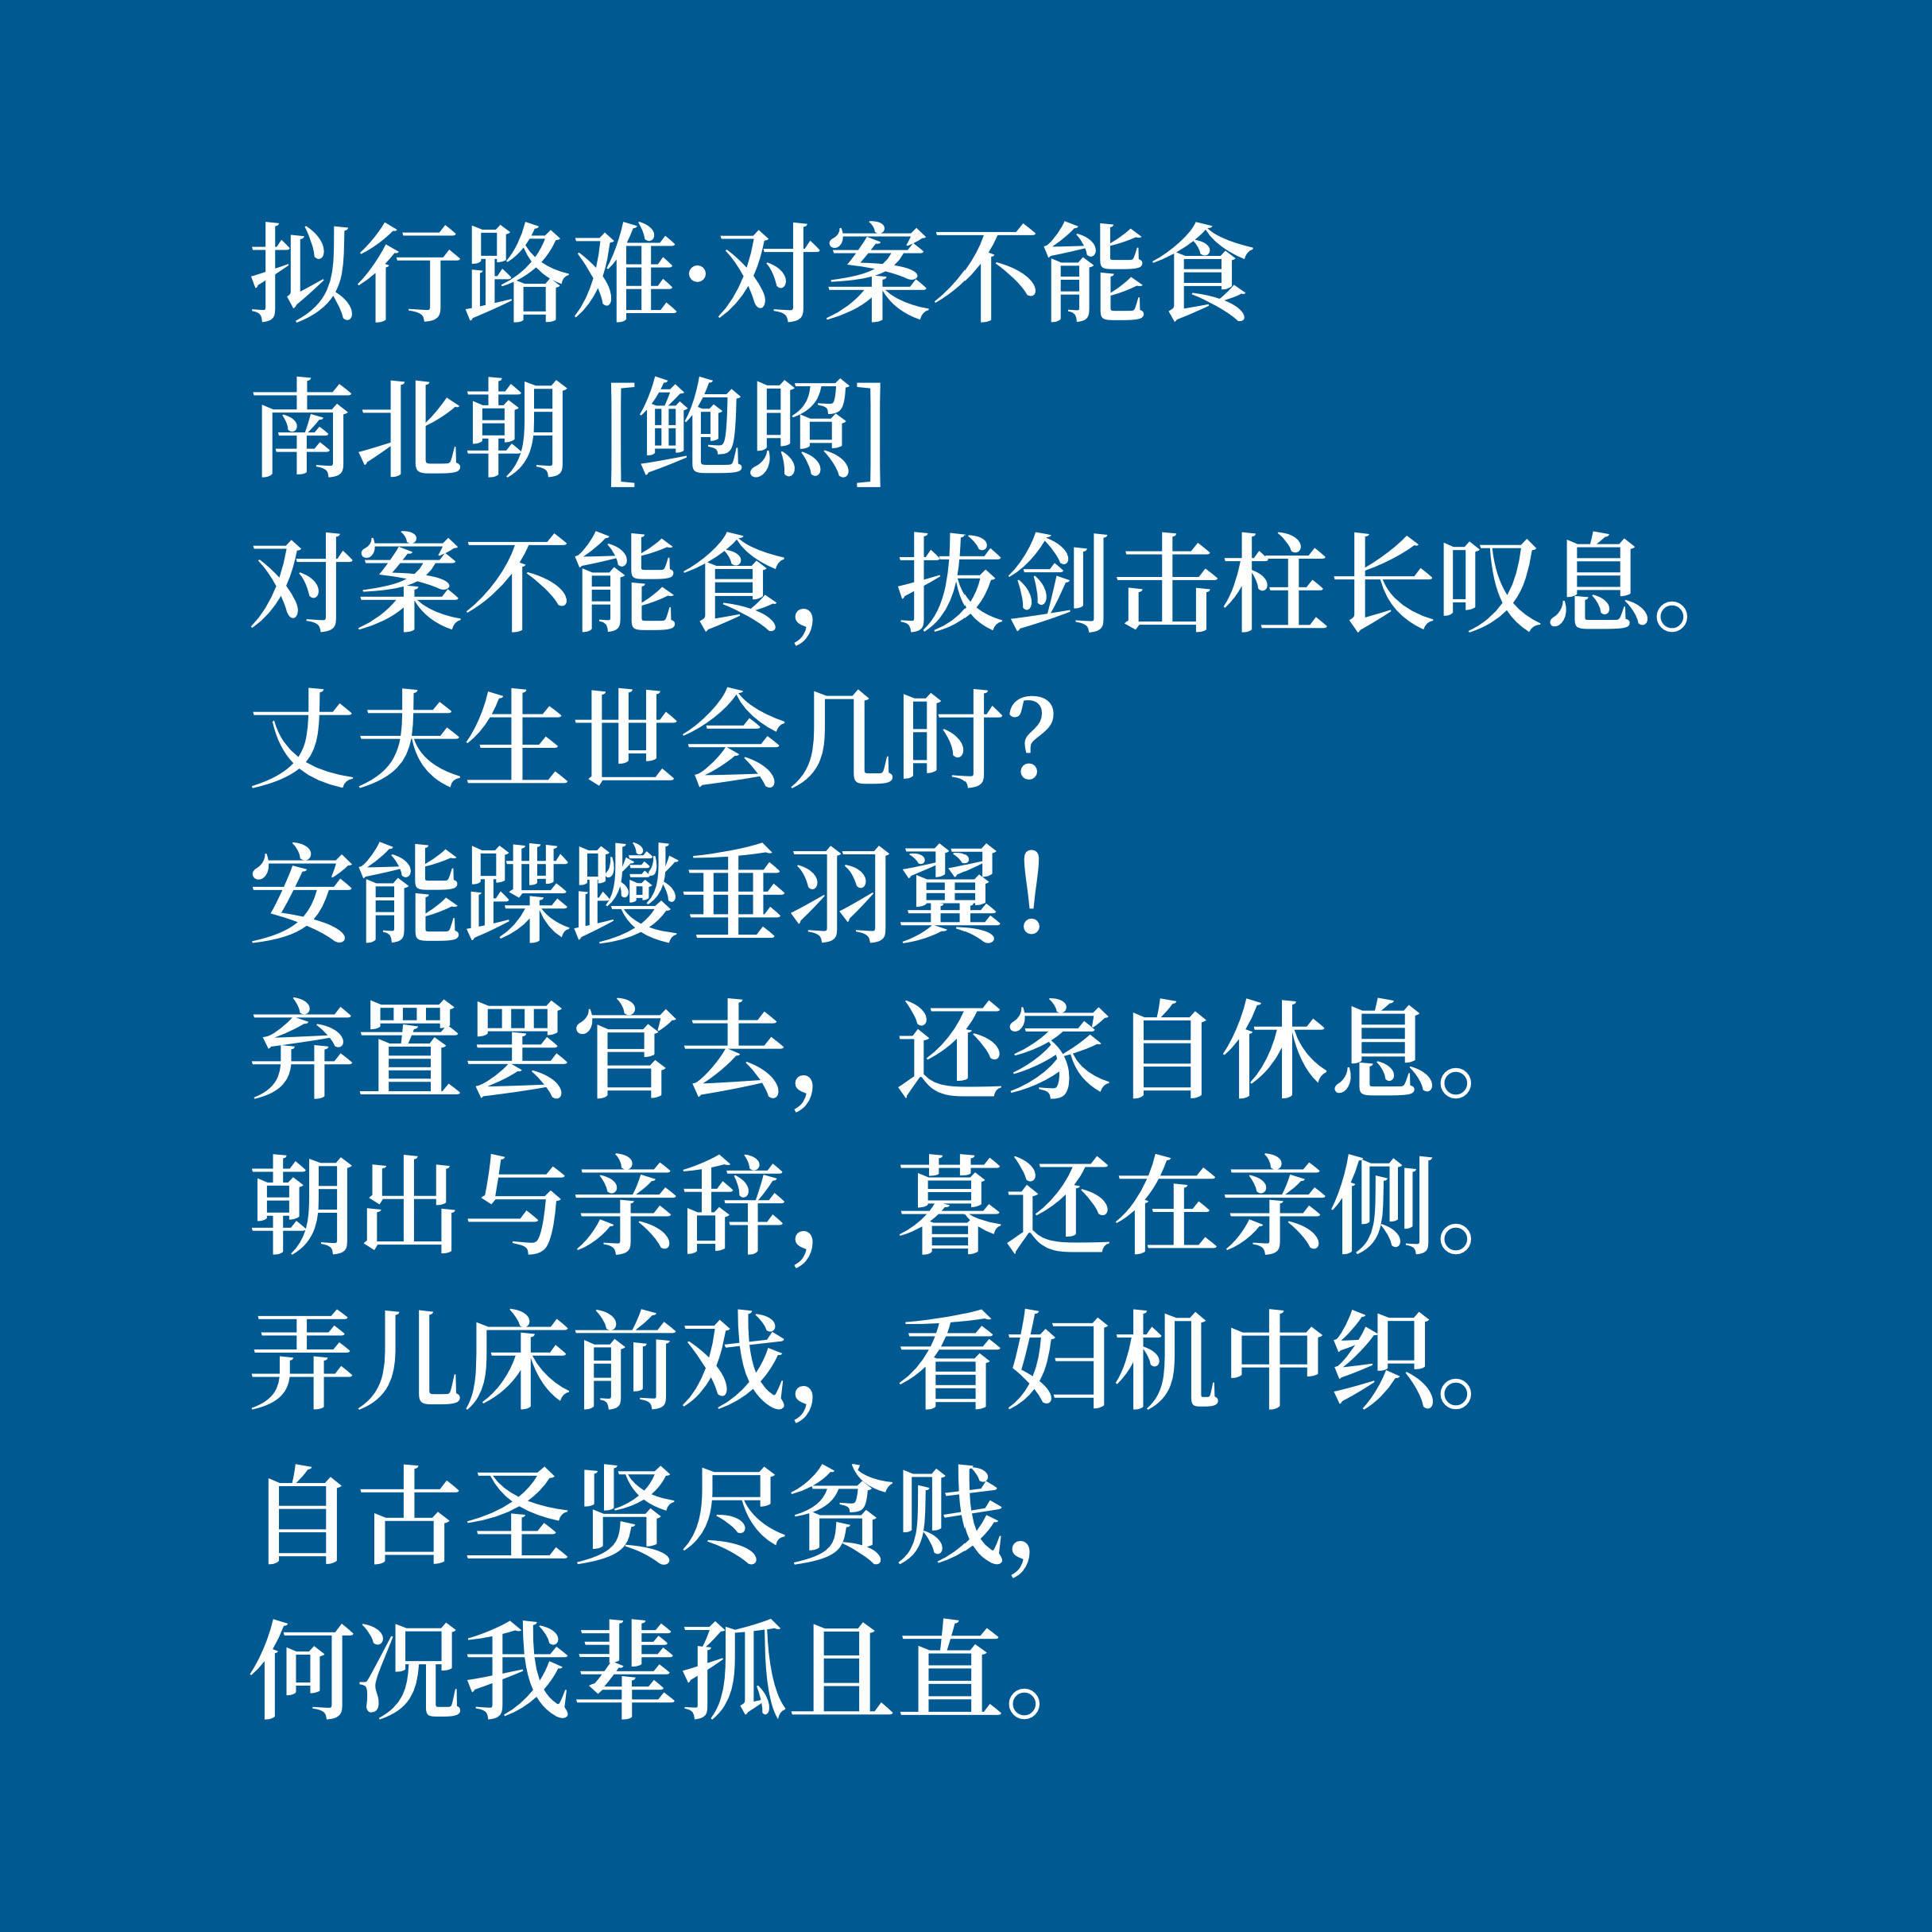 南朝劉宋山水詩名家,鮑照這十首詩作絕美,尤其是山水詩堪稱一絕